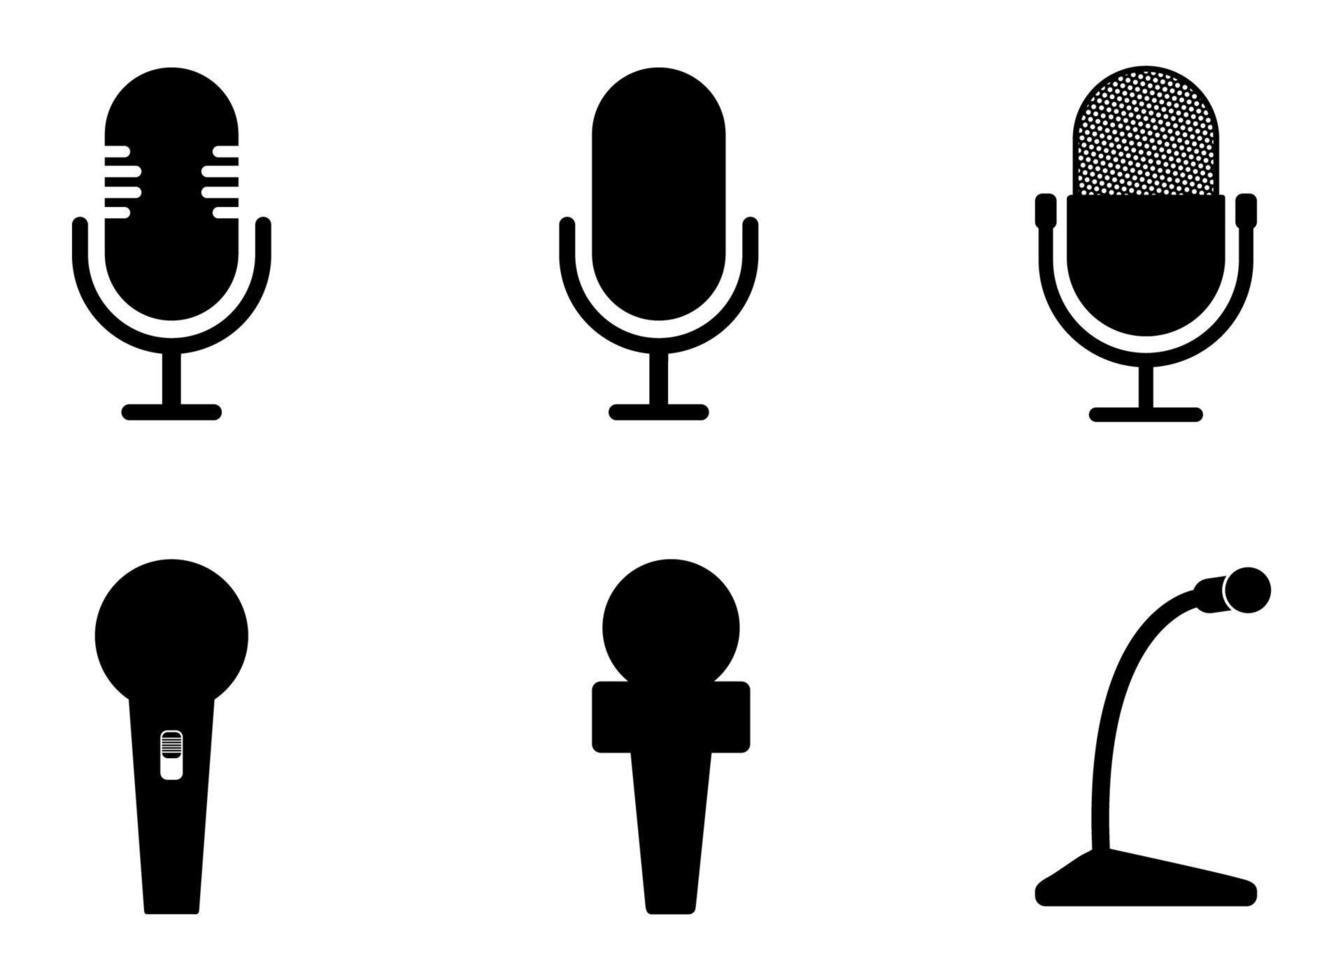 conjunto de ícones de microfone - ilustração vetorial. vetor